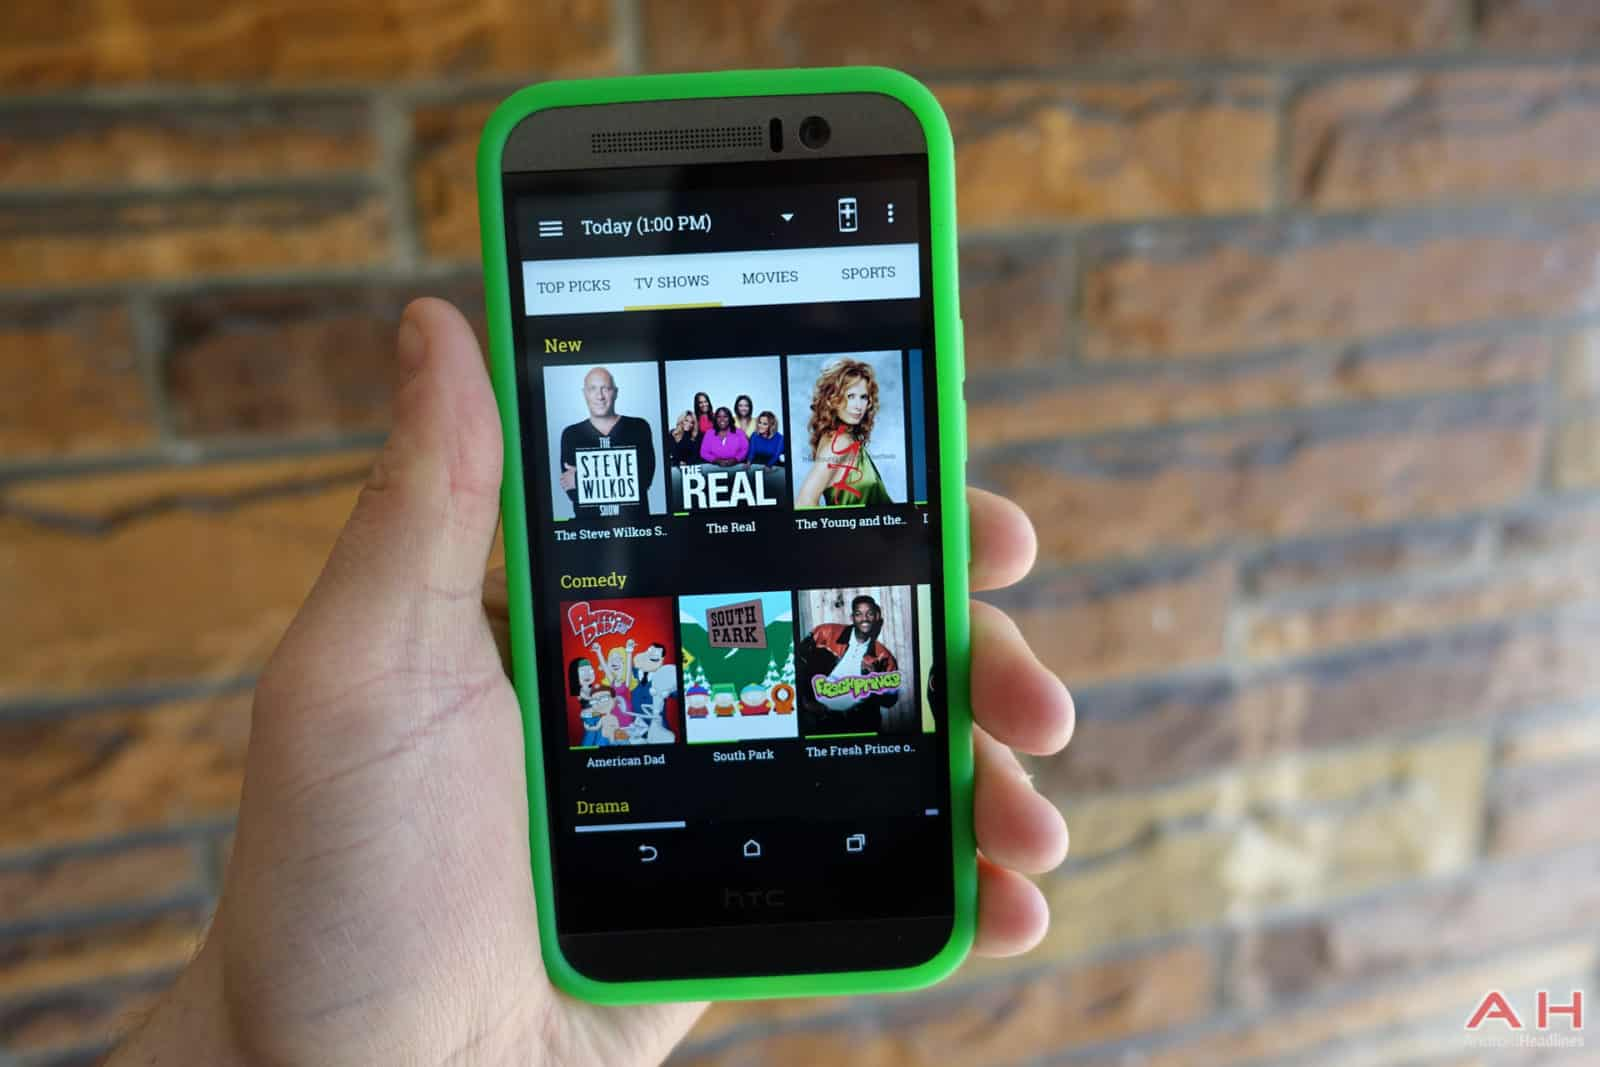 Peel-Smart-Remote-HTC-One-M9-AH-1